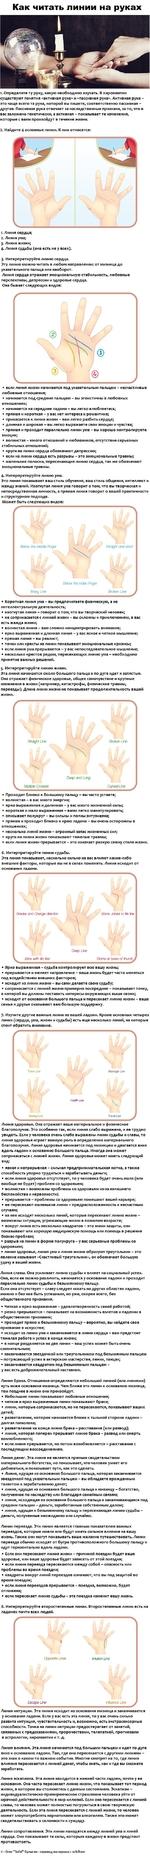 Как читать линии на руках 1 Определите ту руку, какую необходимо изучать. В хиромантии существуют понятия «активная рука» и «пассивная рука». Активная рука -это чаще всего та рука, которой вы пишете, соответственно пассивная -другая Пассивная рука отвечает ва наследственные признаки, за то, что в